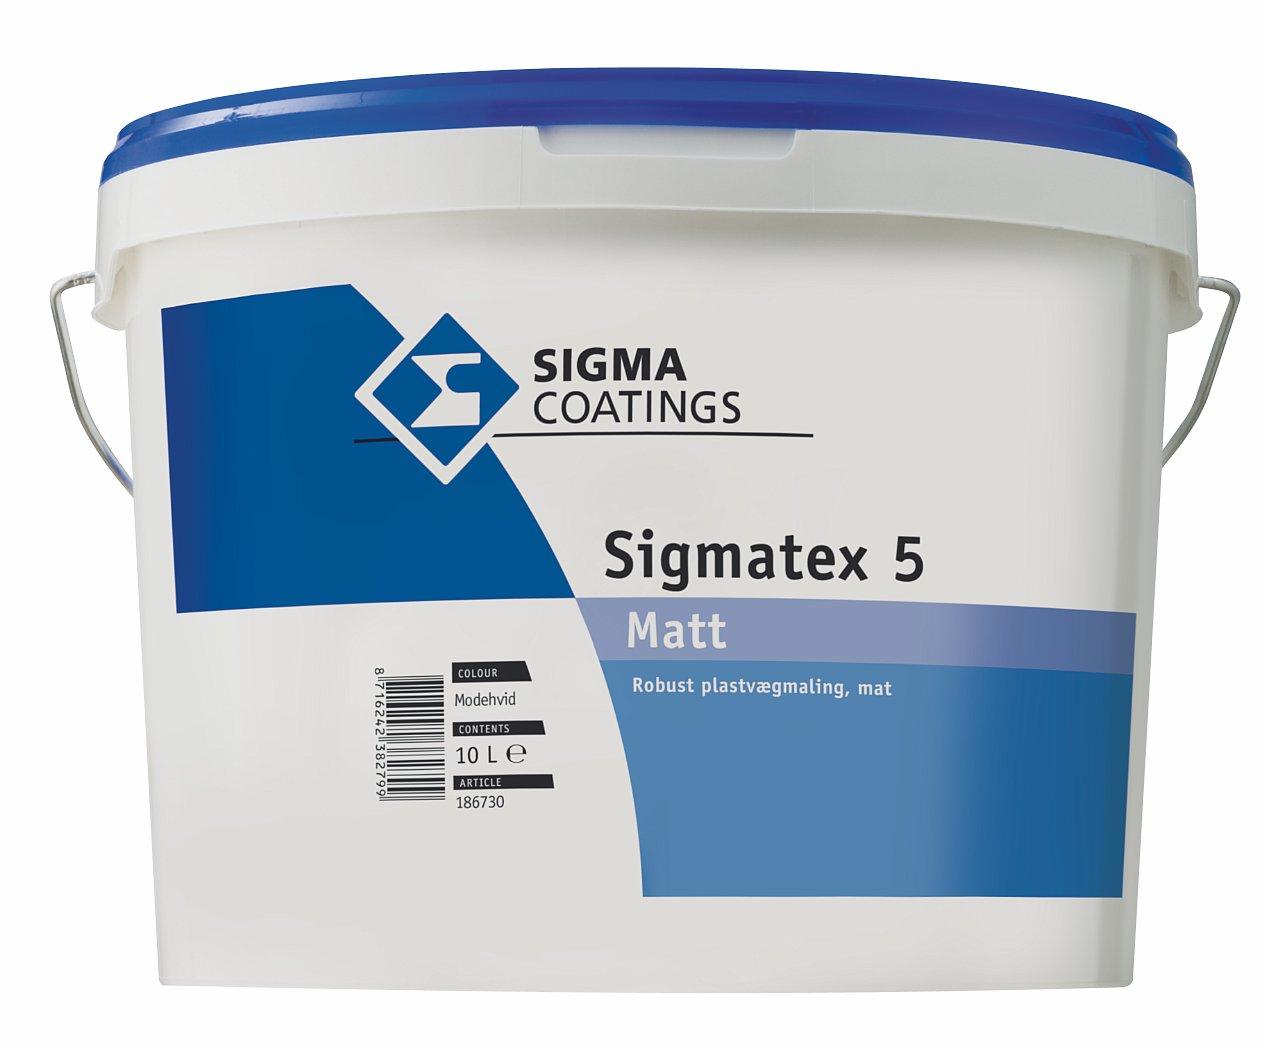 Sigmatex 5